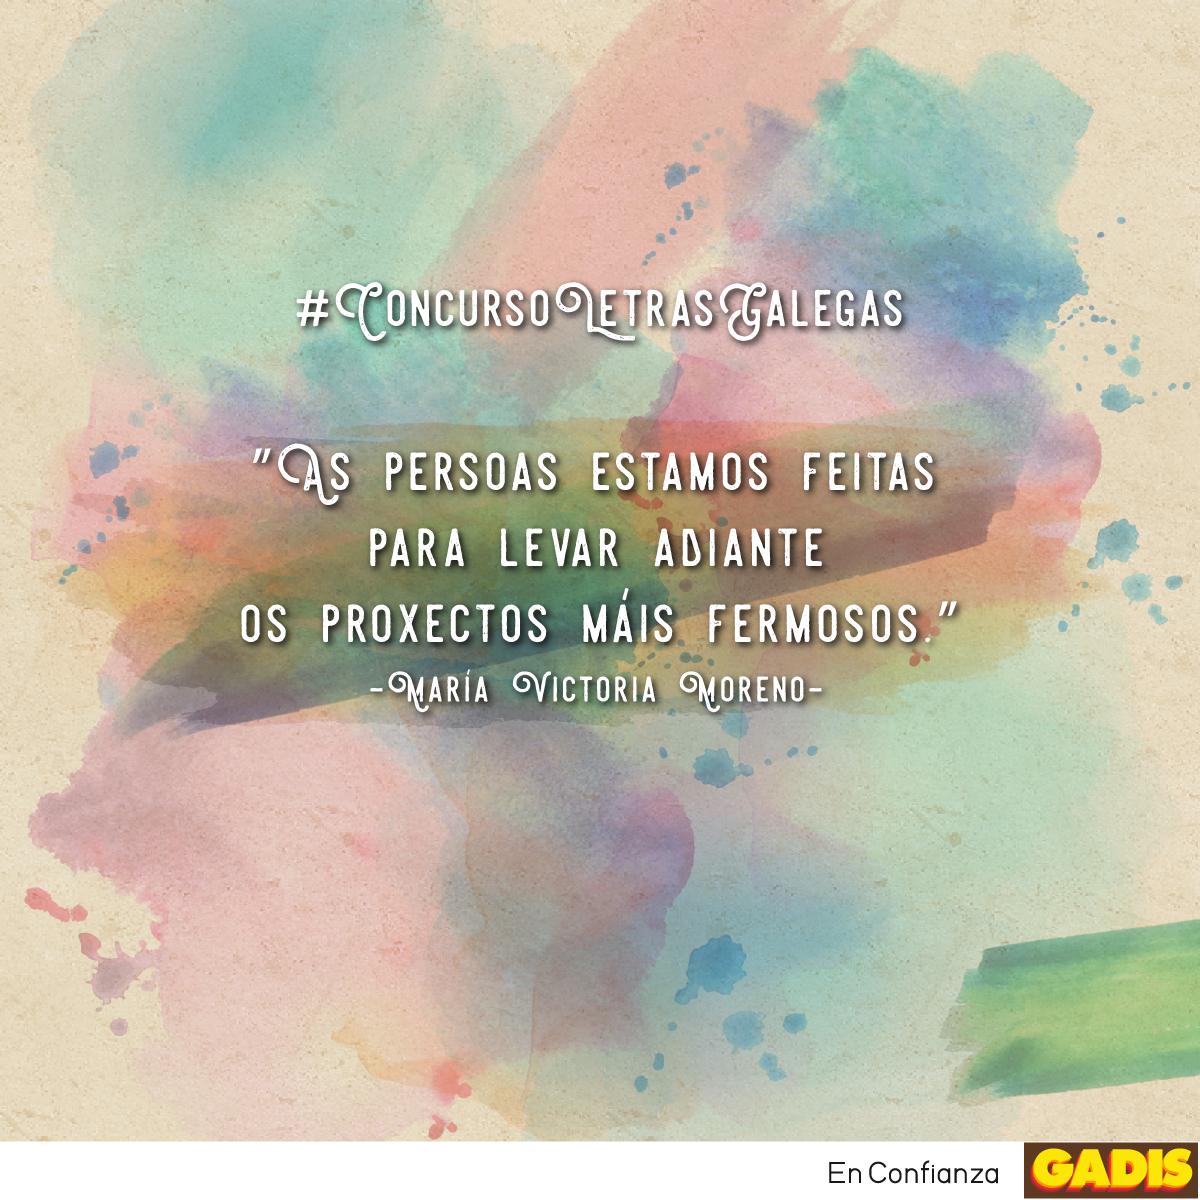 Concurso en nuestras redes sociales por el Día das Letras Galegas